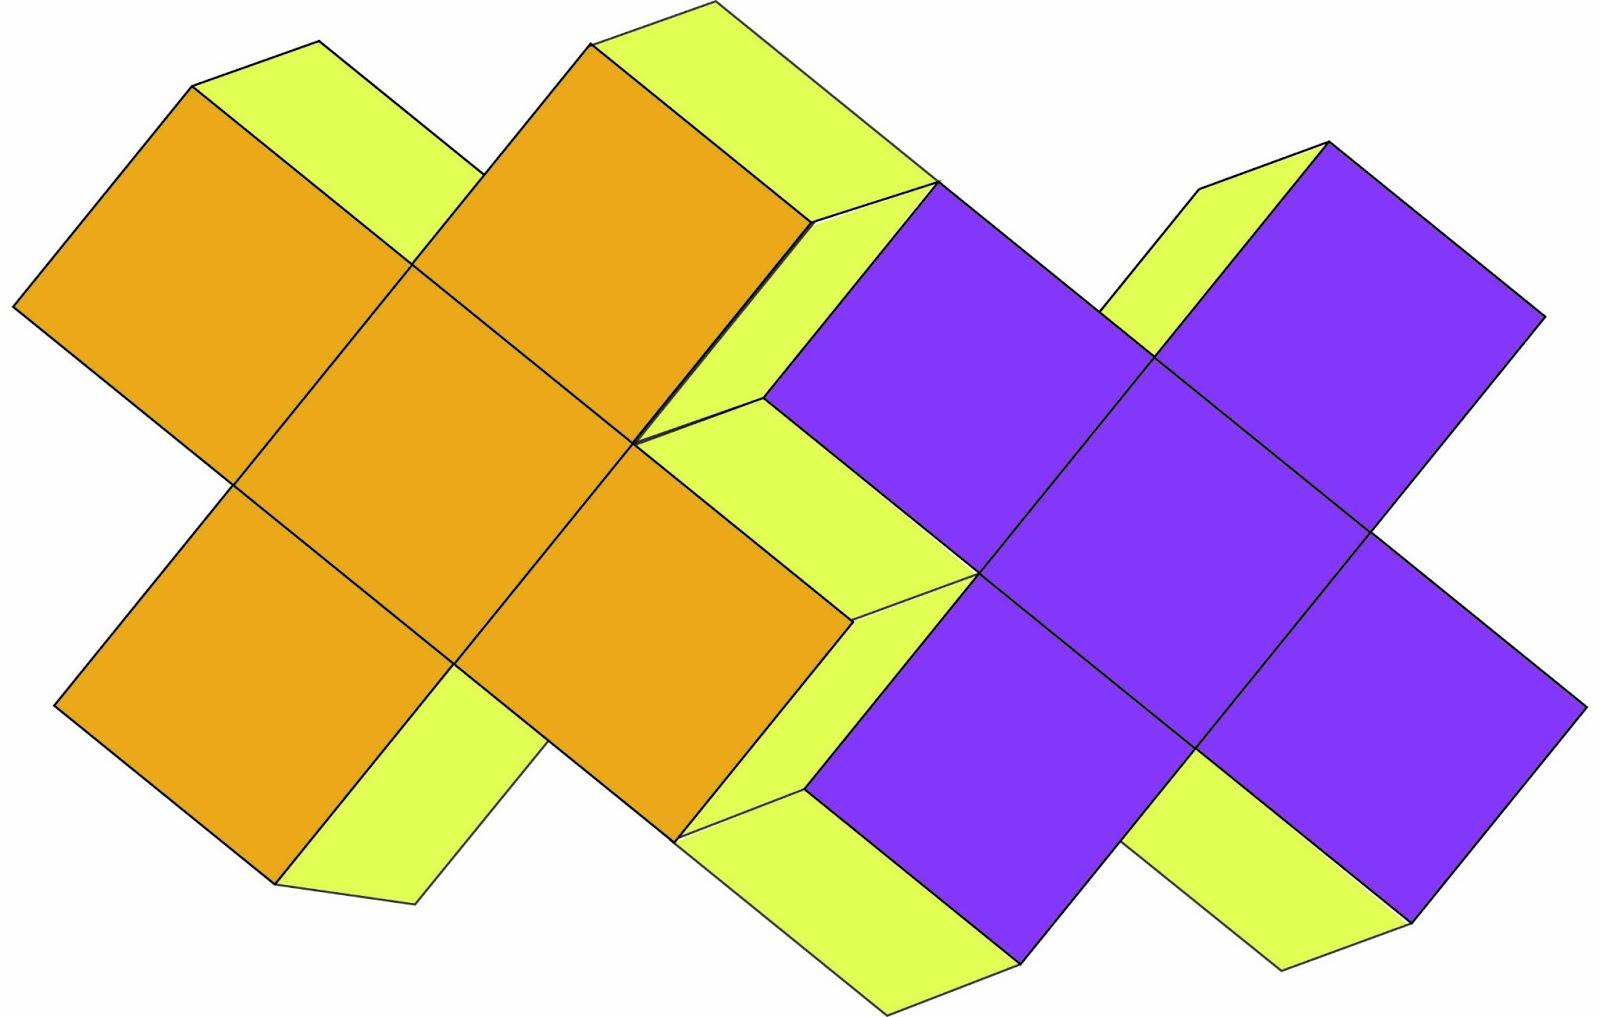 Figura imposible ejercicios ciencia aplicada - Figuras geometricas imposibles ...